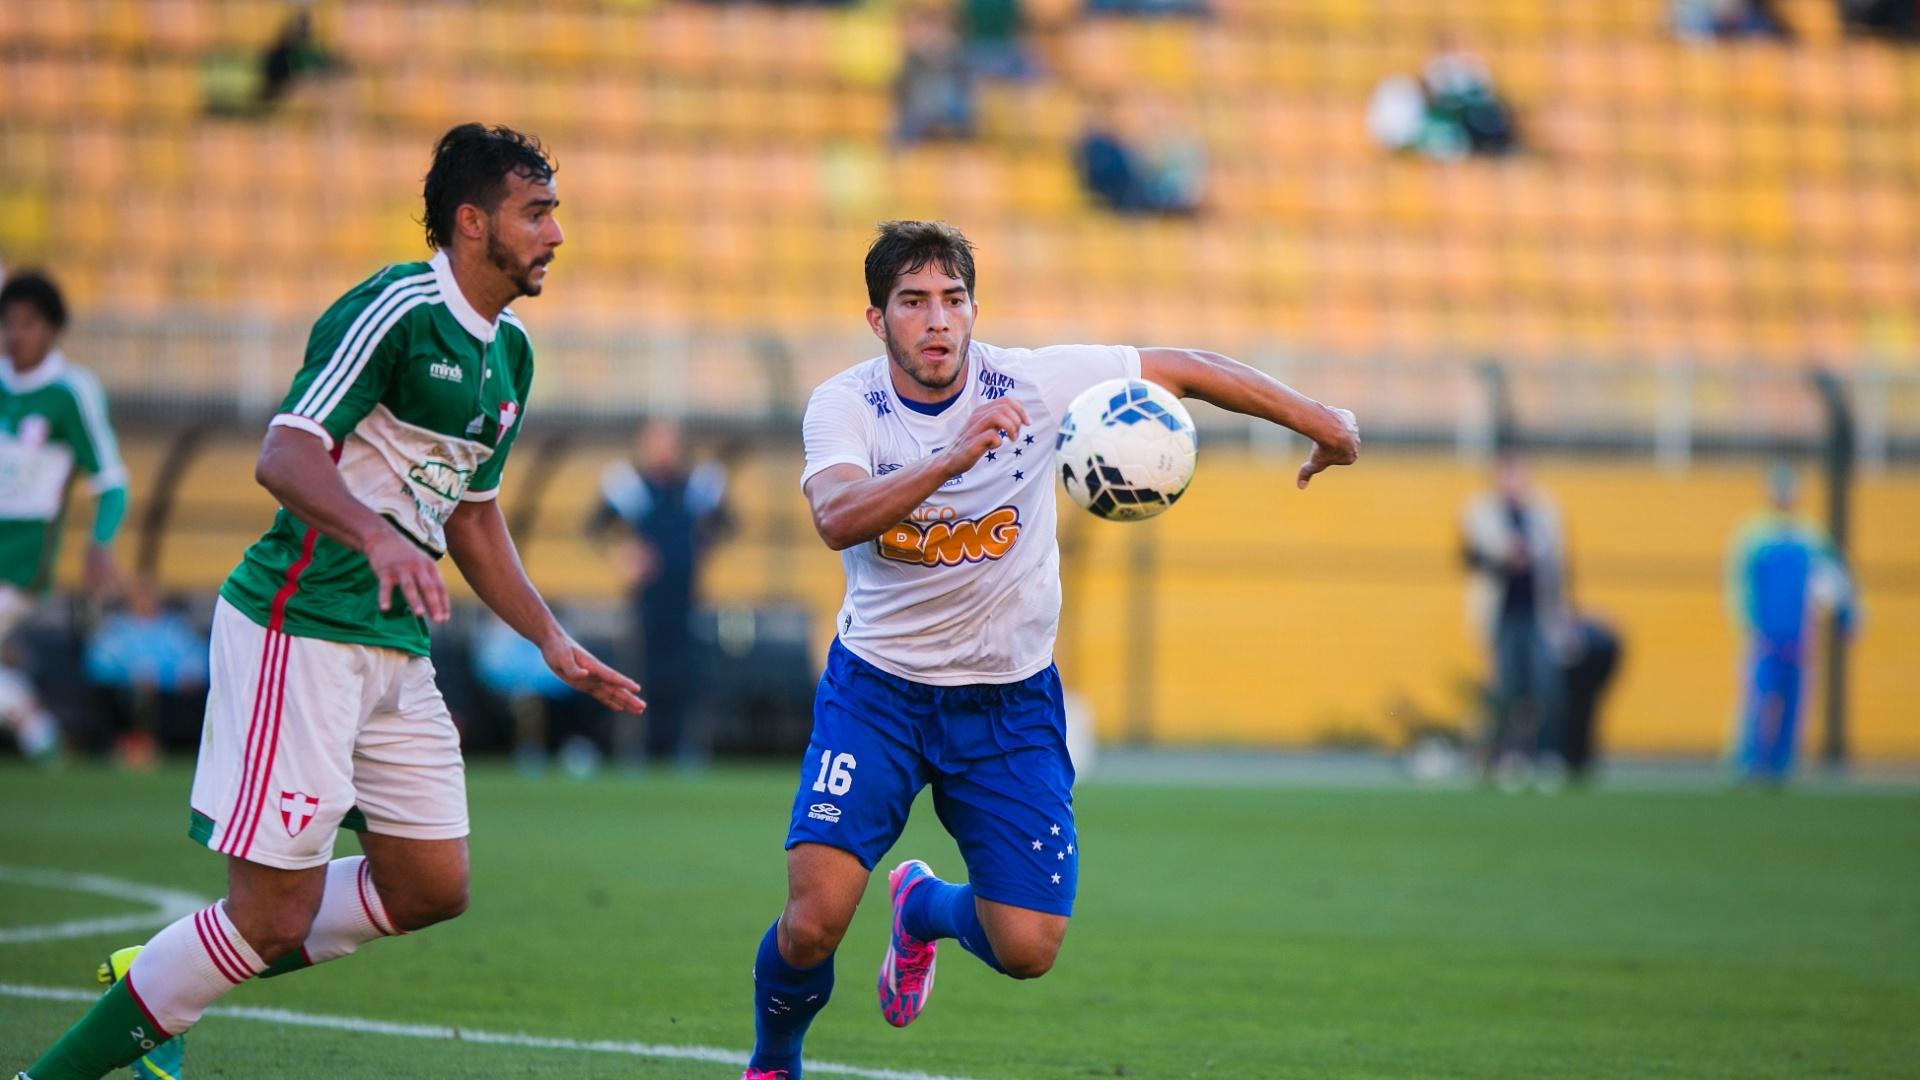 Lucas Silva, do Cruzeiro, tenta partir com a bola dominada durante jogo contra o Palmeiras no Pacaembu